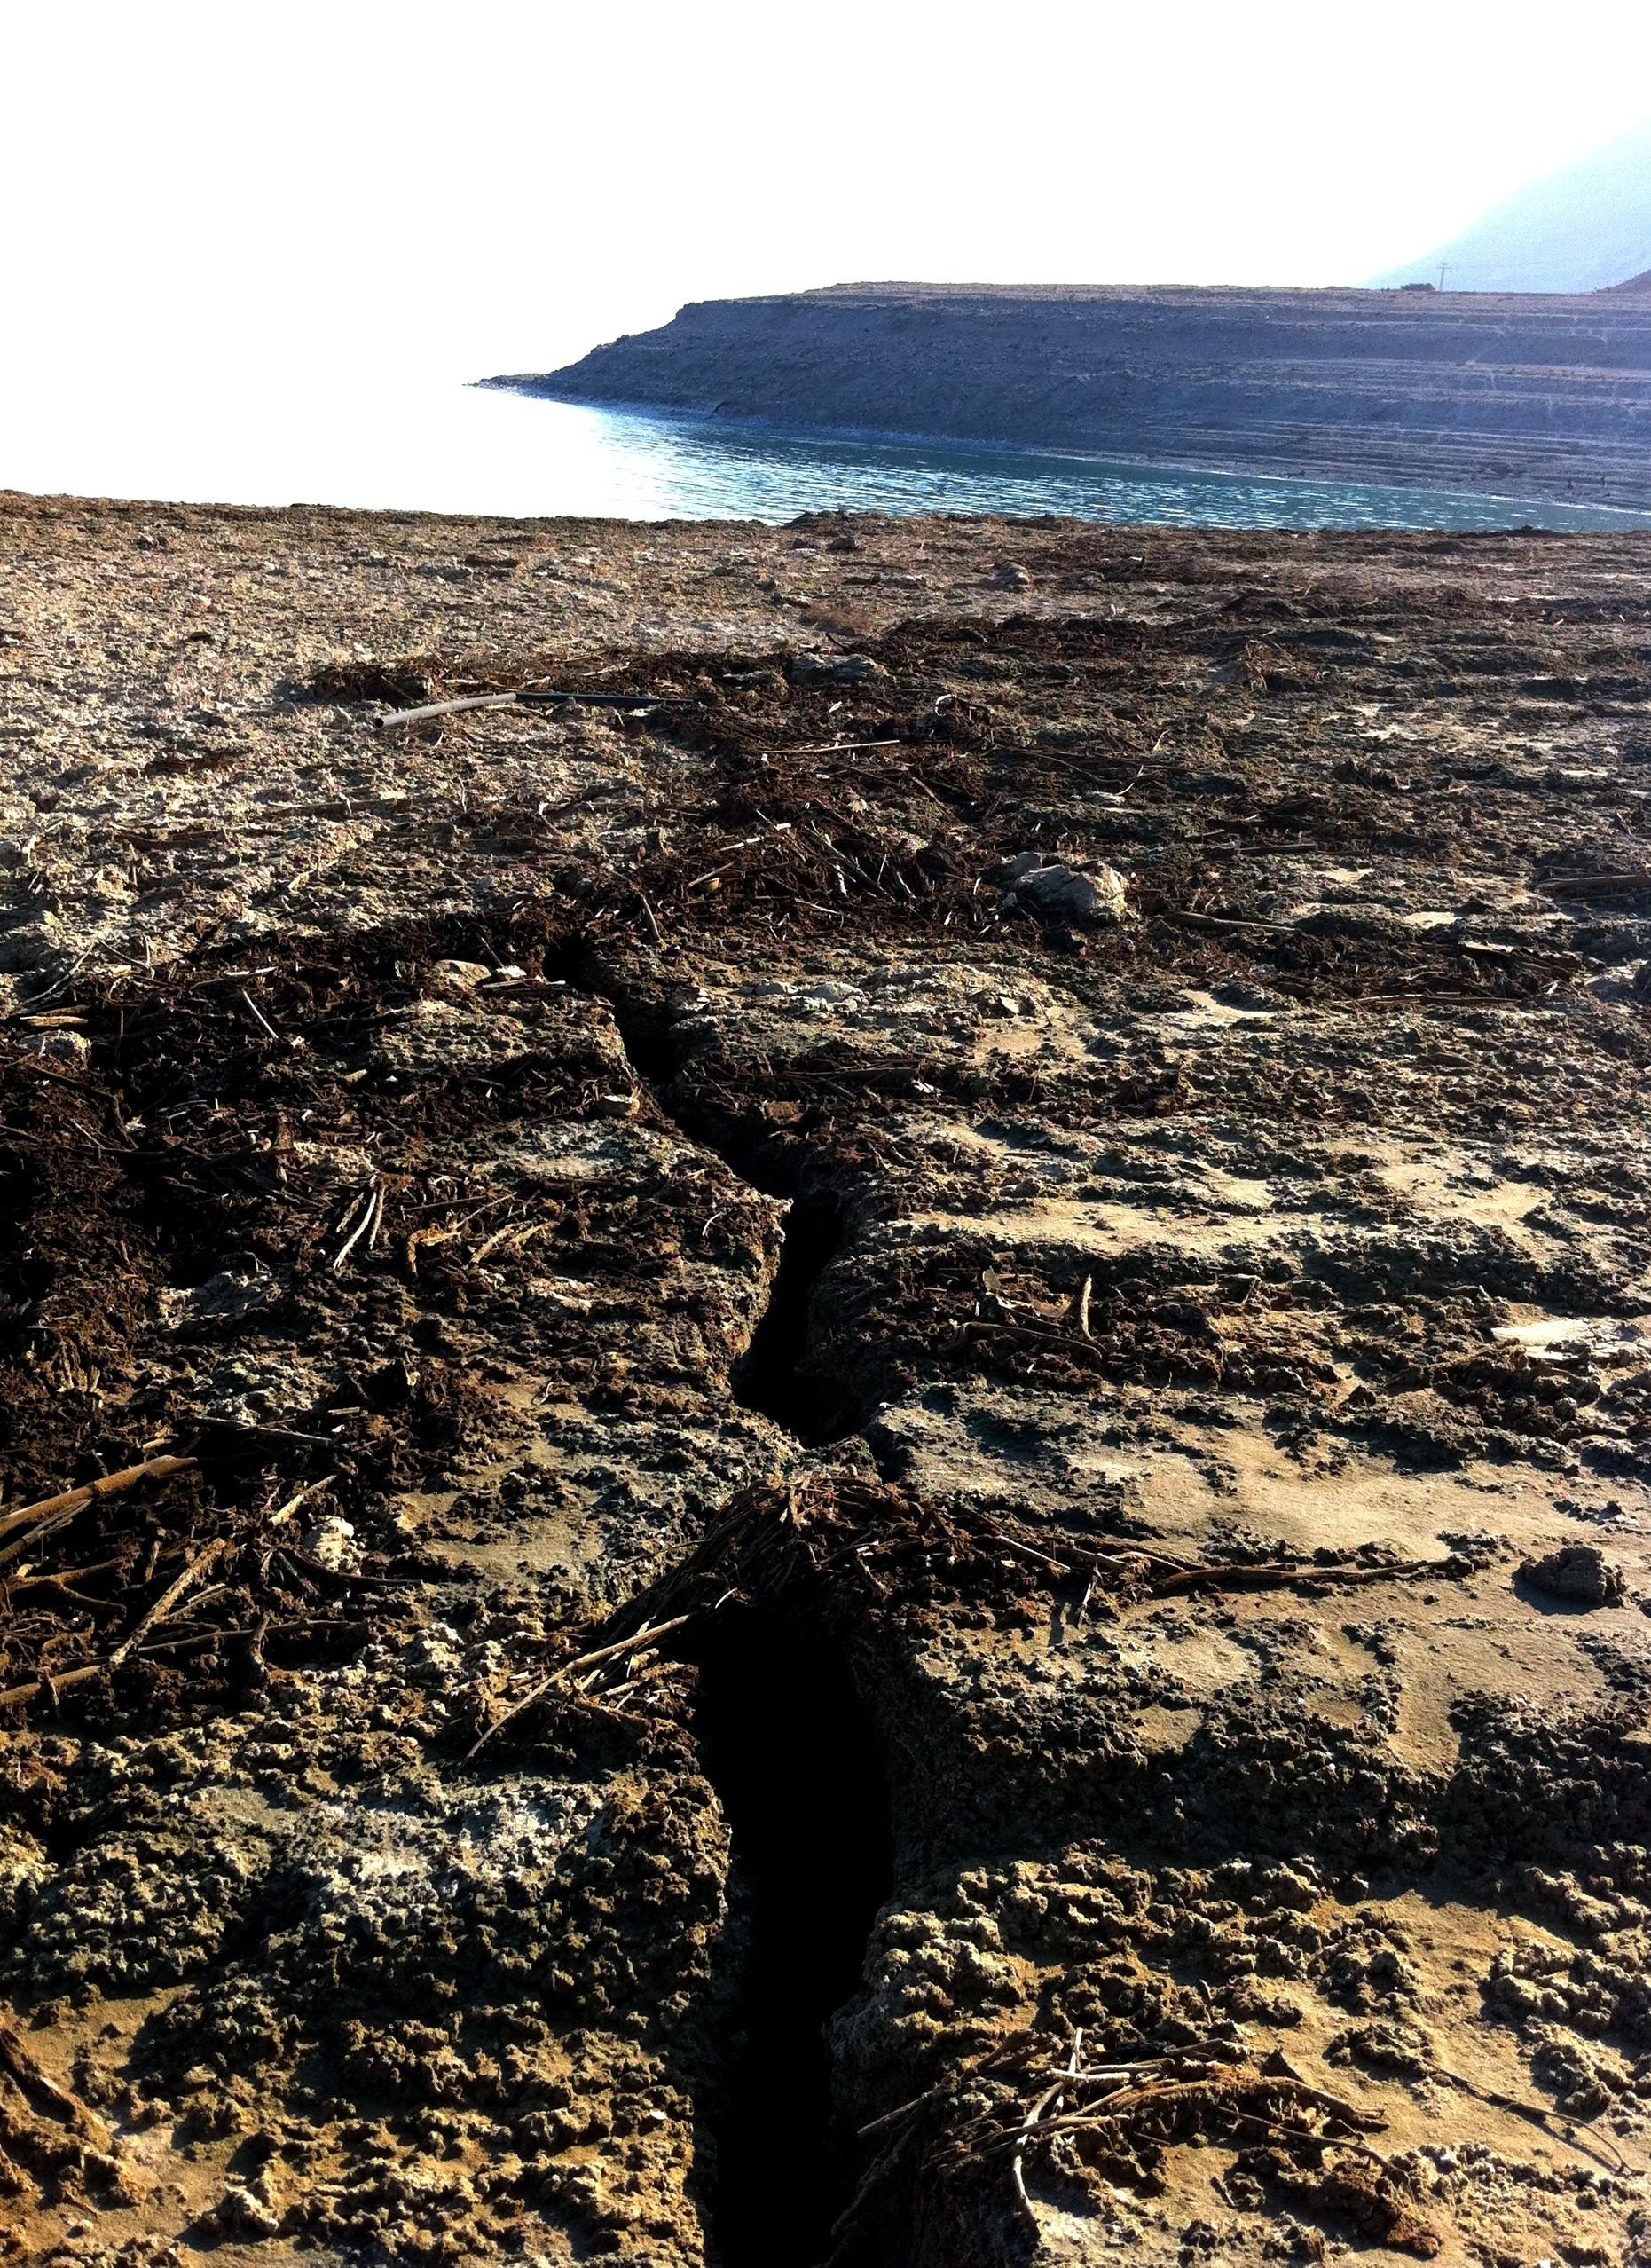 סדקים בקרקע על חוף ים המלח